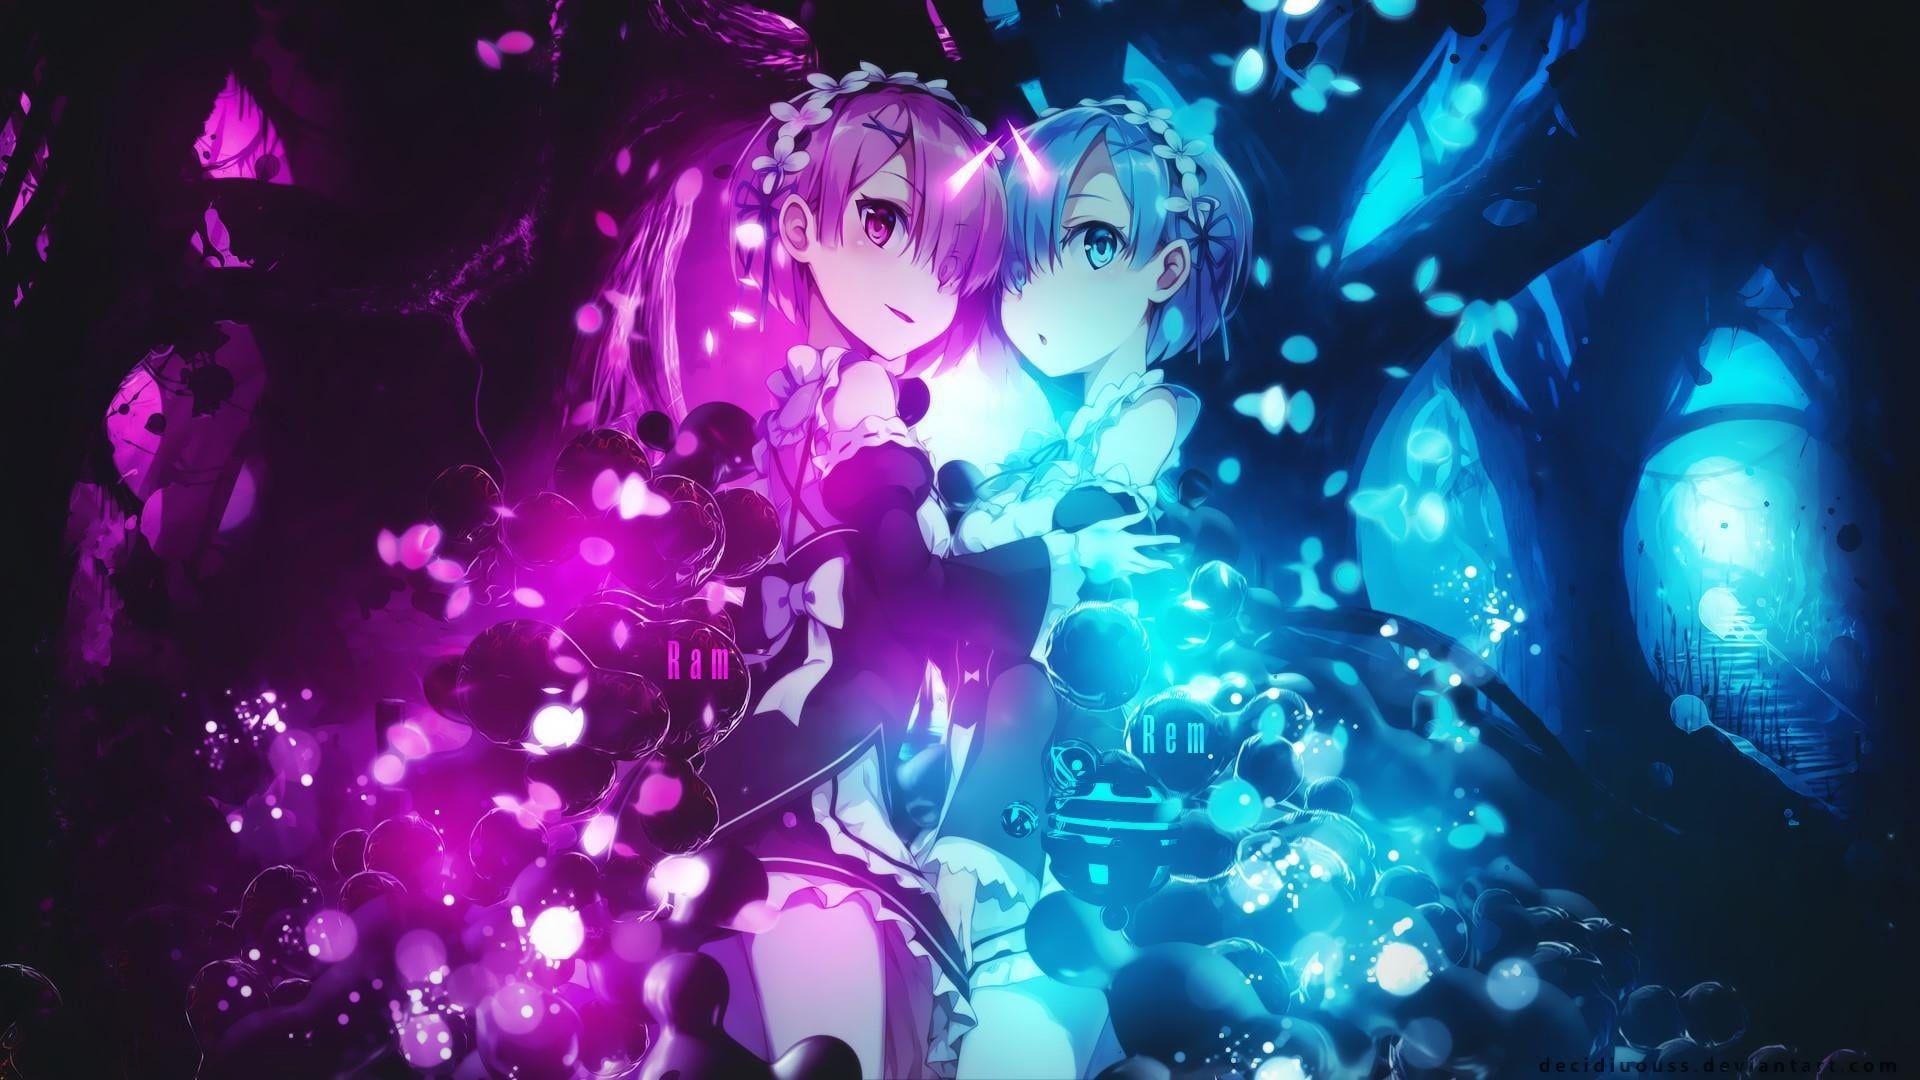 HD wallpaper: re:zero kara hajimeru isekai seikatsu, rem, ram, anime, illuminated